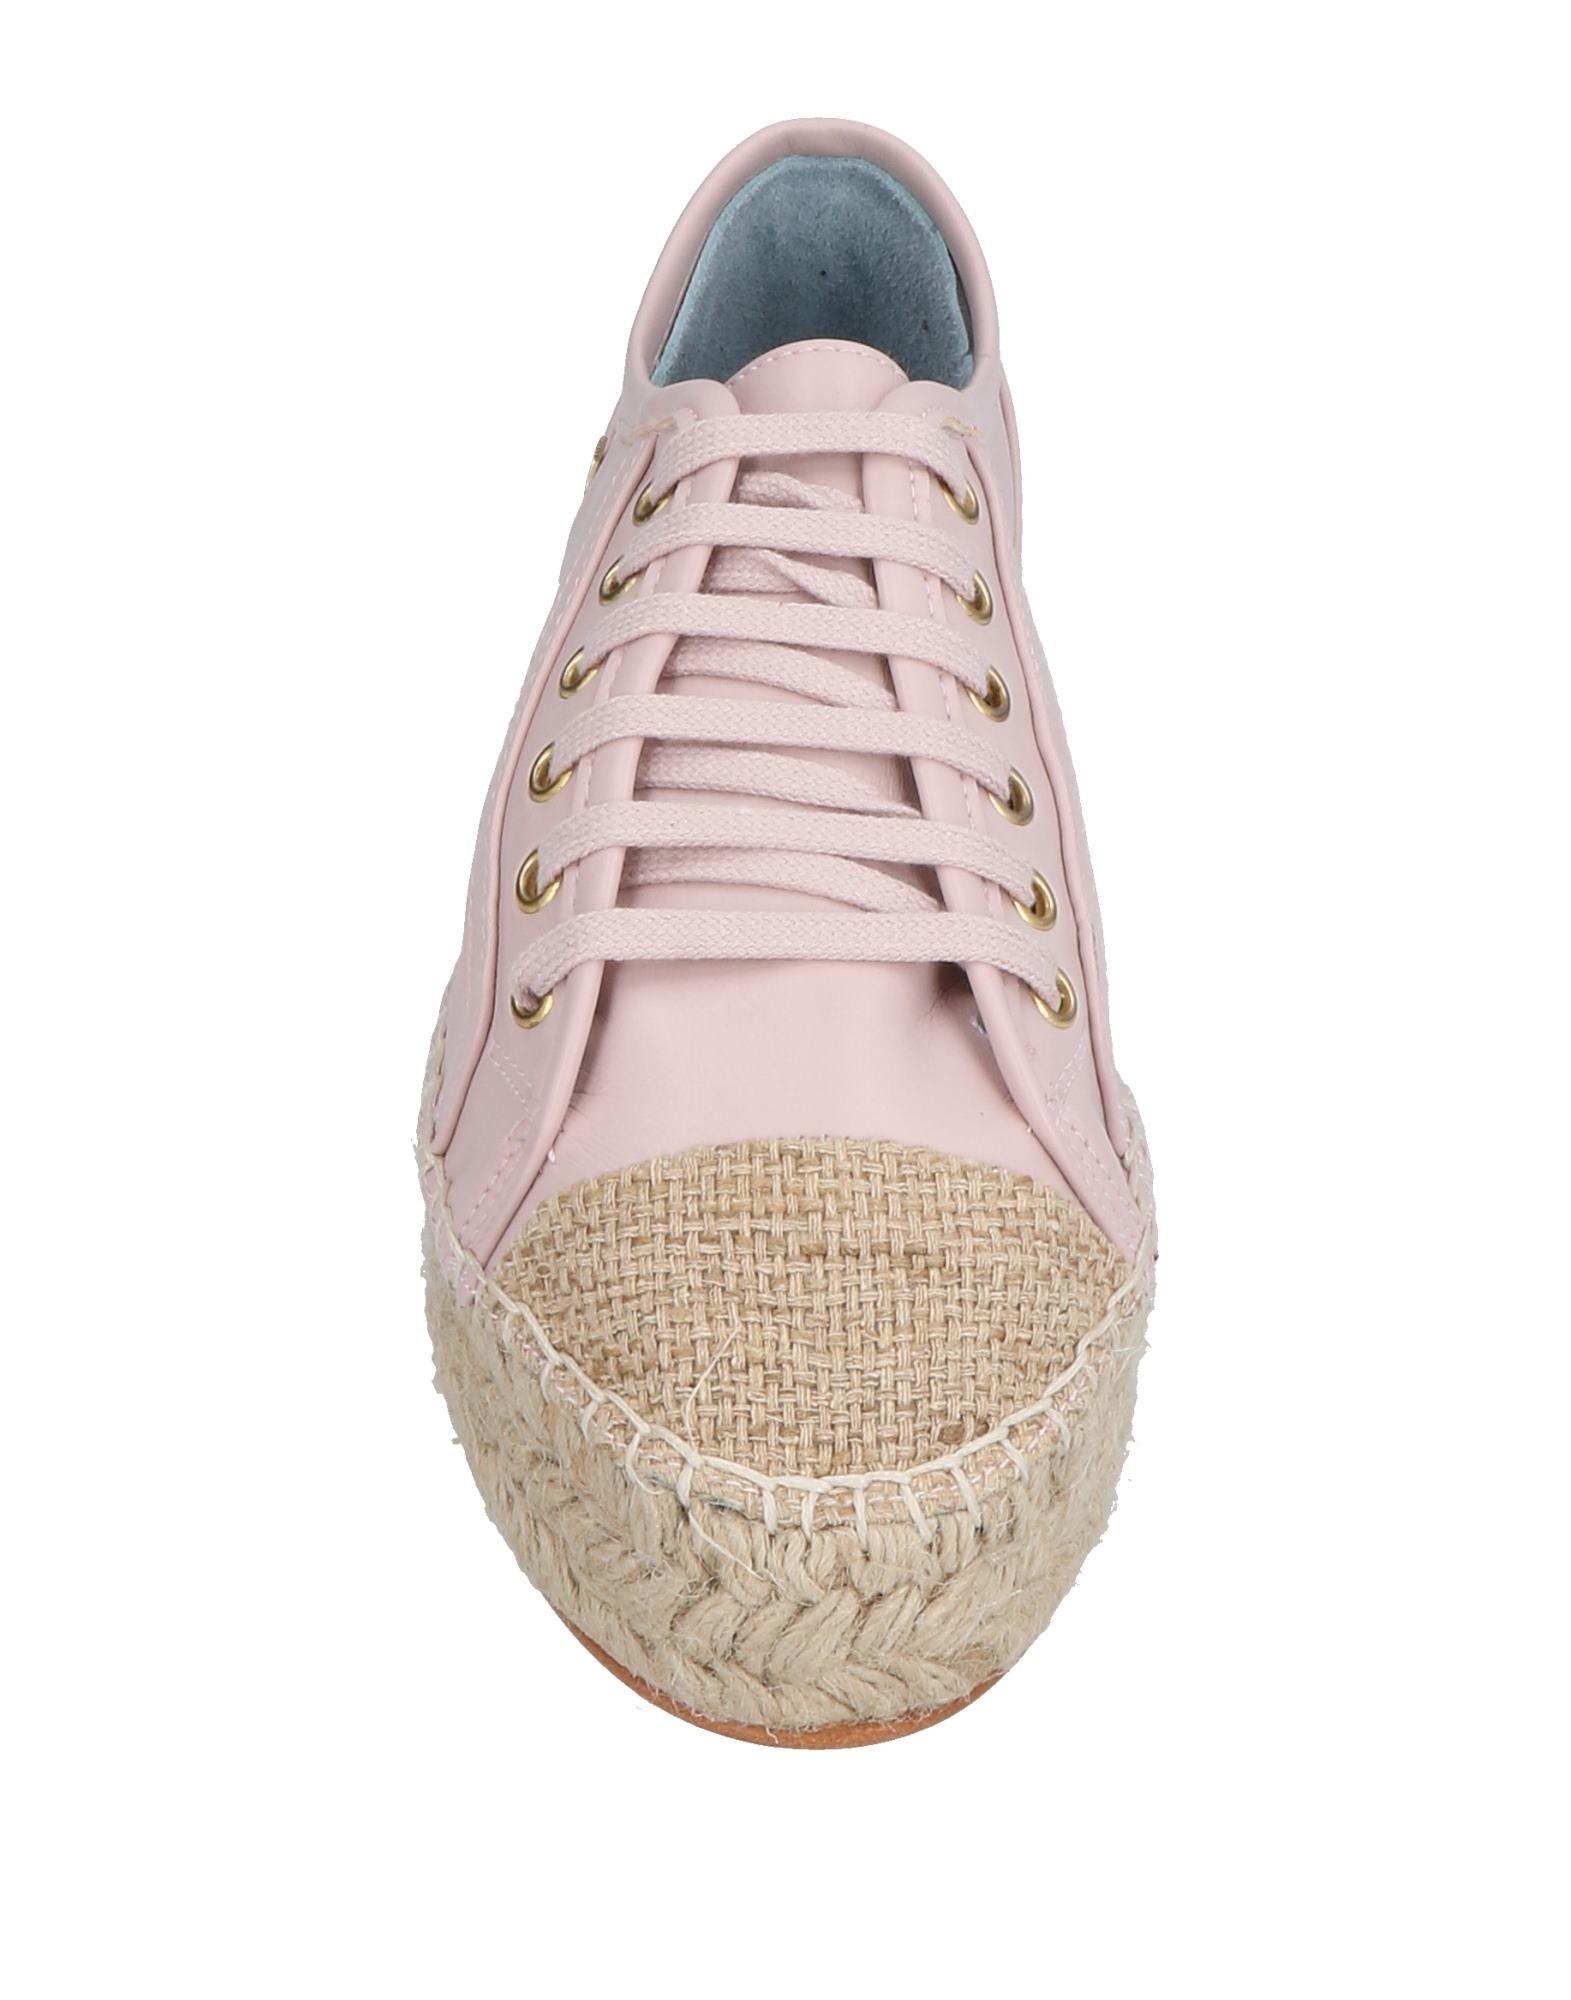 Chiara Ferragni Sneakers - Women Women Women Chiara Ferragni Sneakers online on  United Kingdom - 11494631BK b8b058